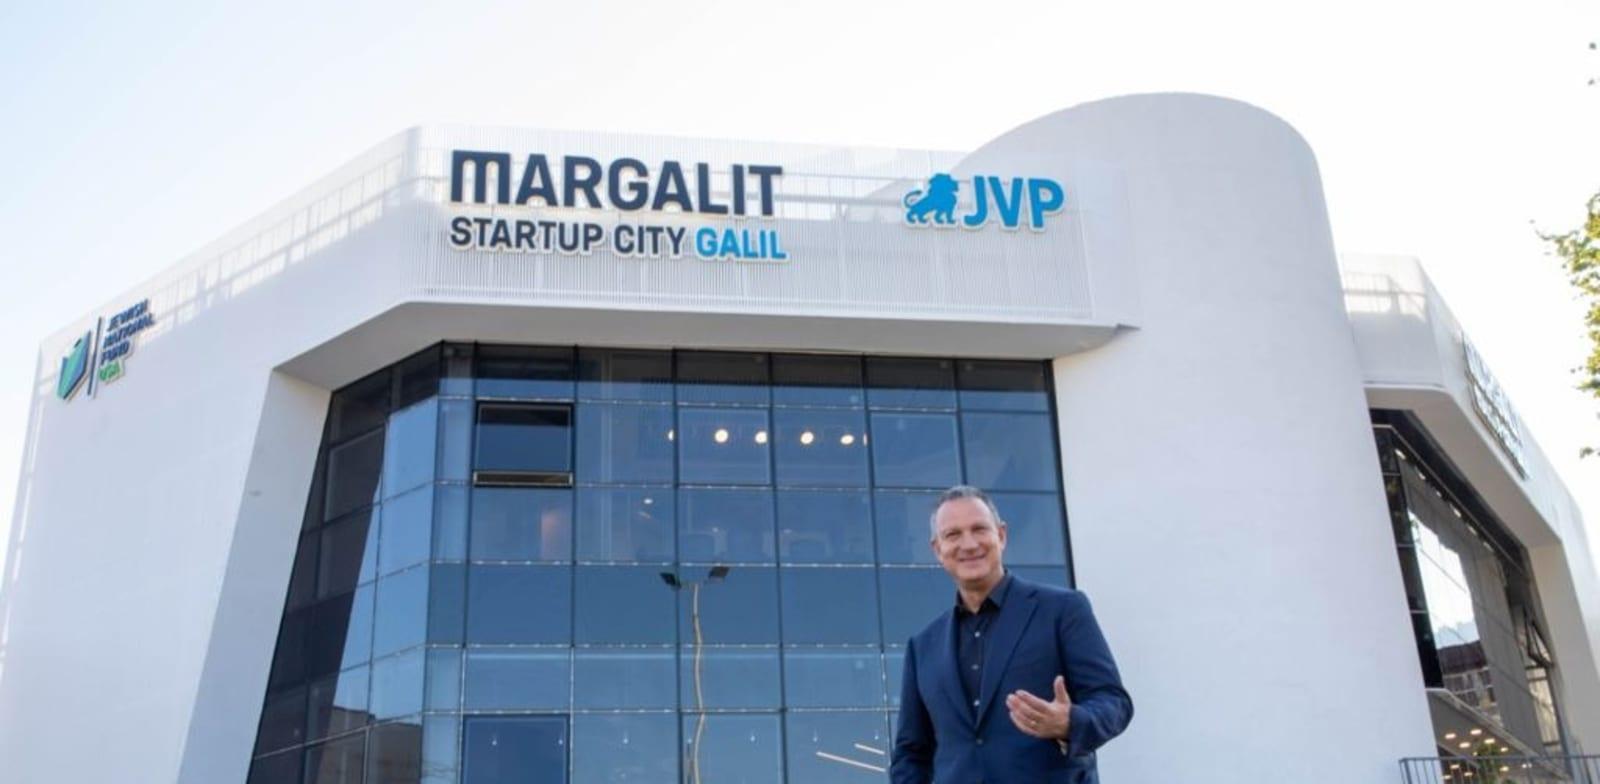 Erel Margalit at new startup center in Kiryat Shemona  credit:  Olivia Rosenthal